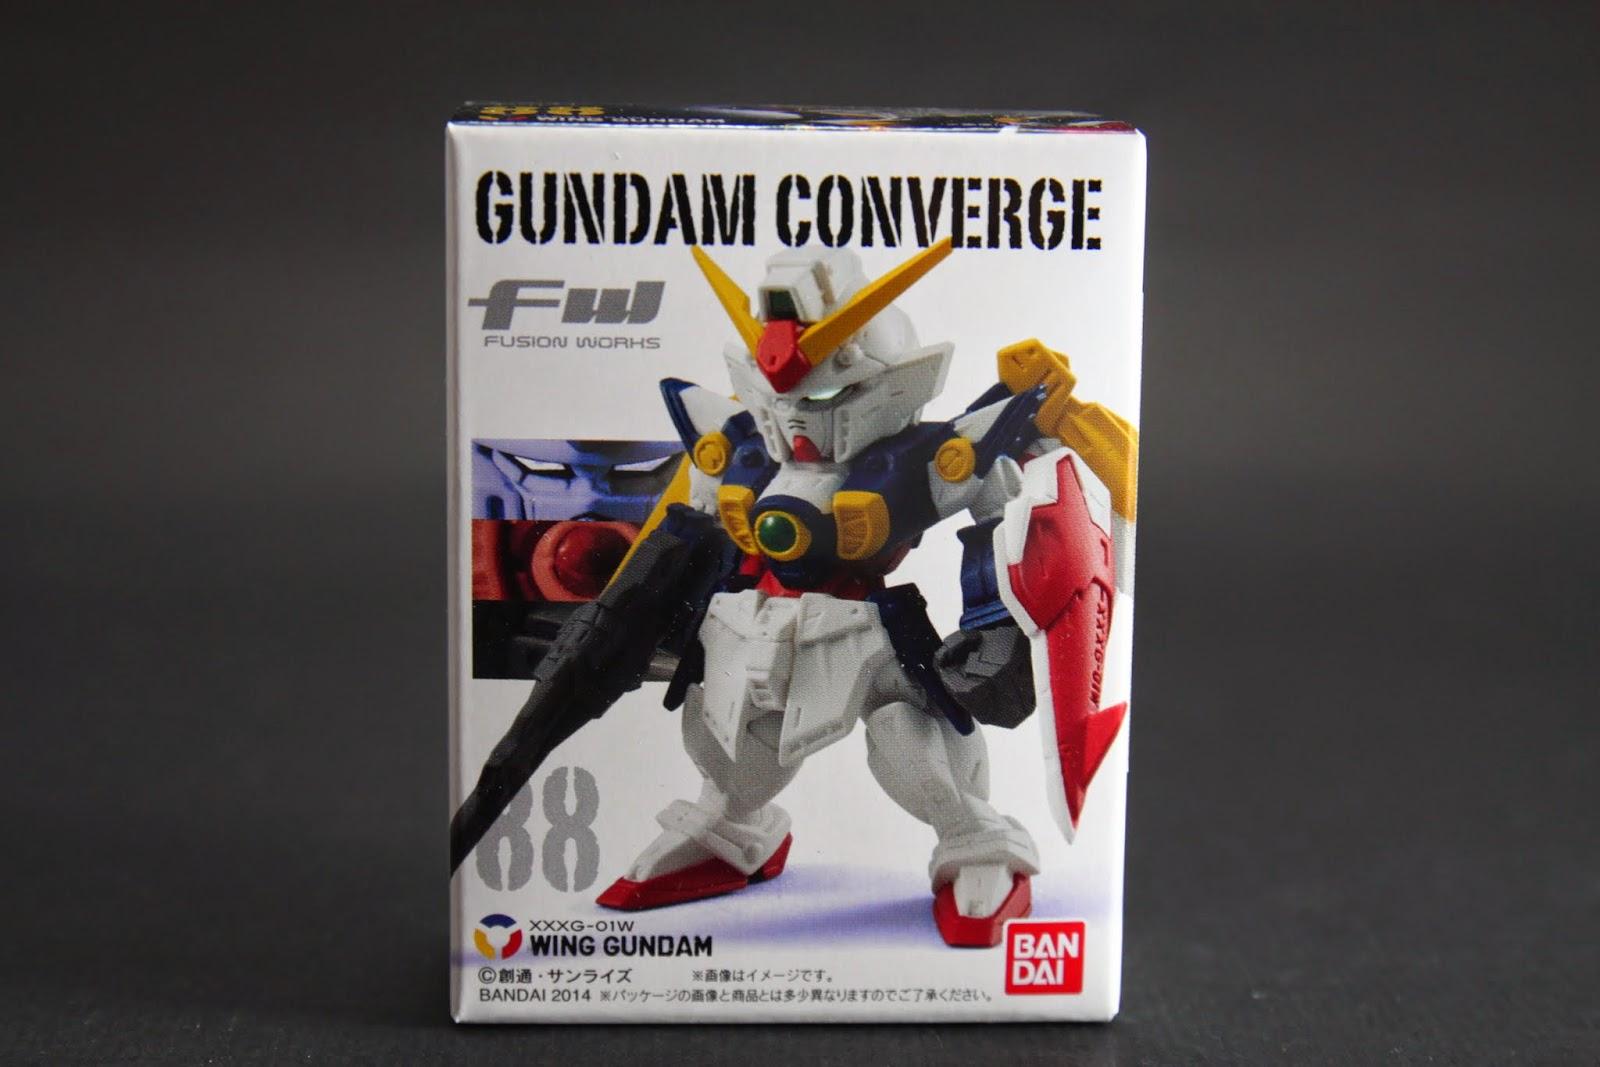 第88位 XXXG-01W Wing Gundam Gundam W裡主角得初期座機